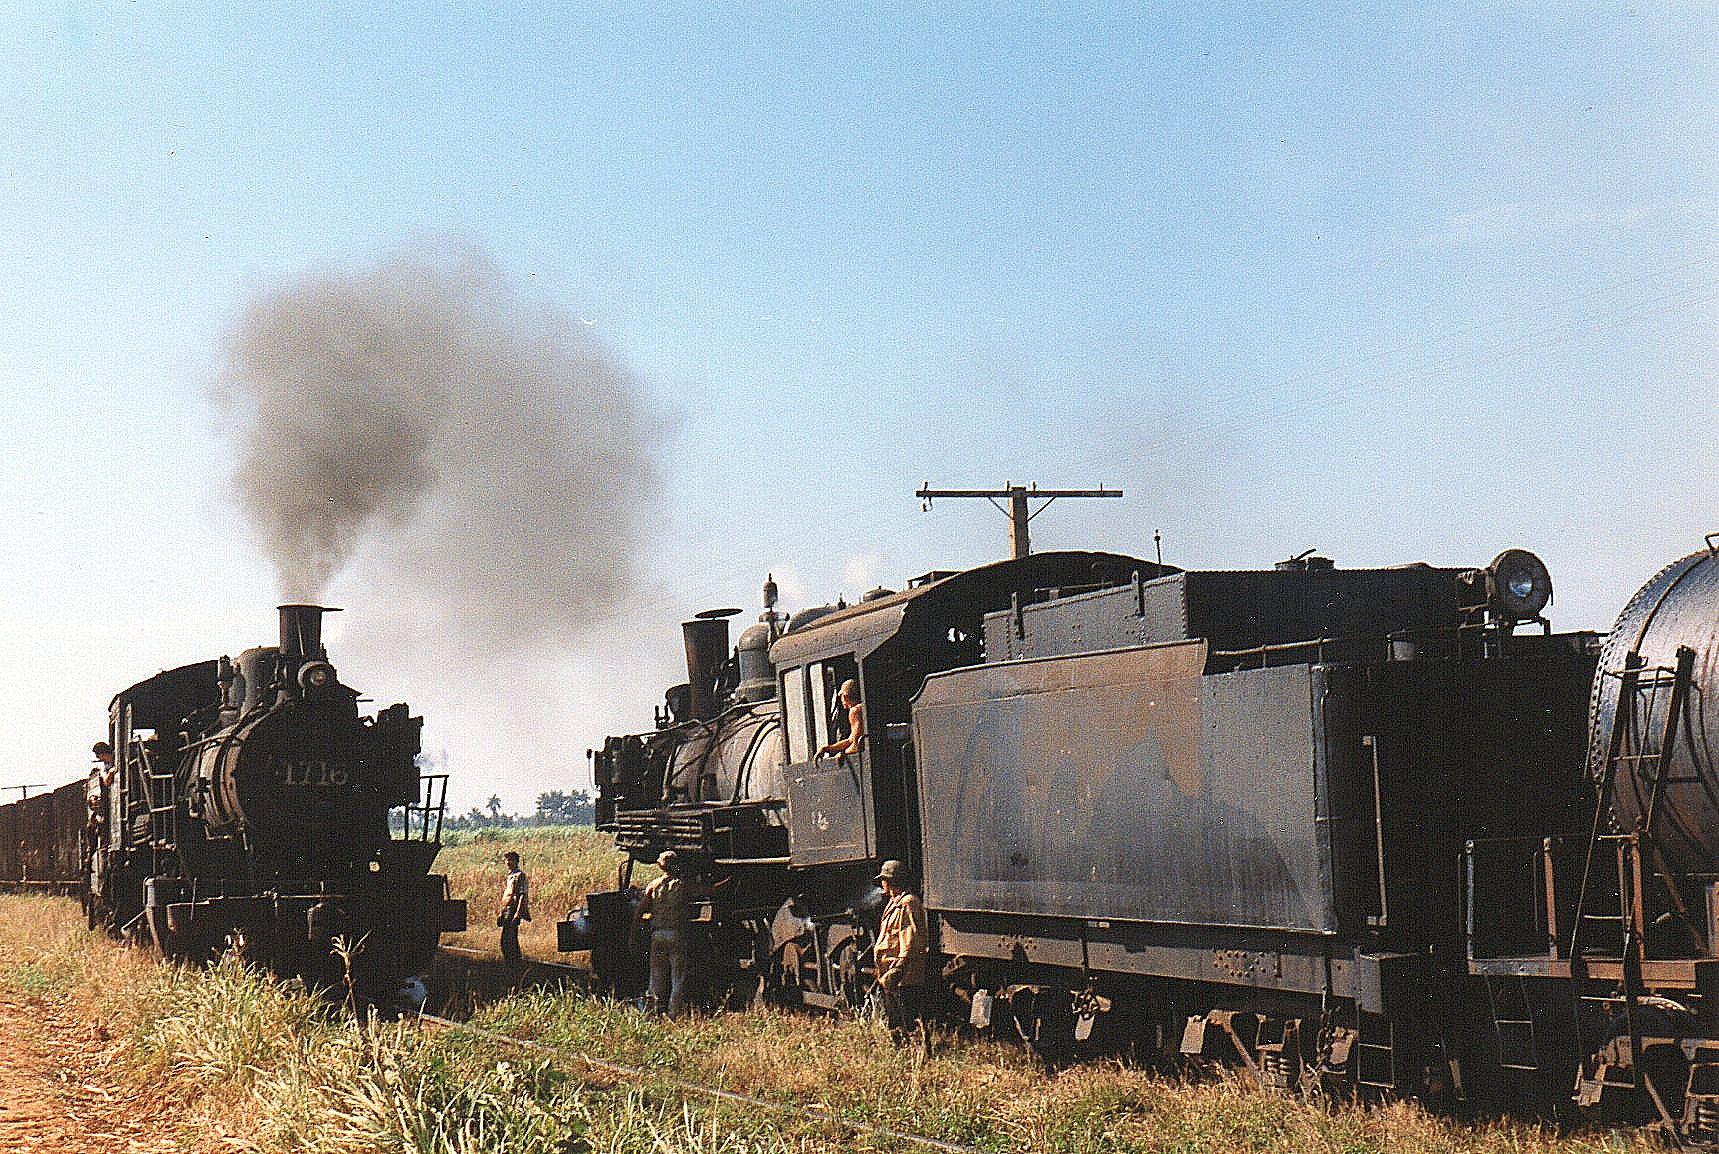 Krydsning mellem tog tog på sukkerbane nord for Australia. Læssepladsen hed Juanitta. 1716 til venstre er den tidligere viste Henschel. 1513 . CAI 1513 Baldwin 5467/1920 er en 1'D, der tidligere har kørte på både mølle 202 og 213.